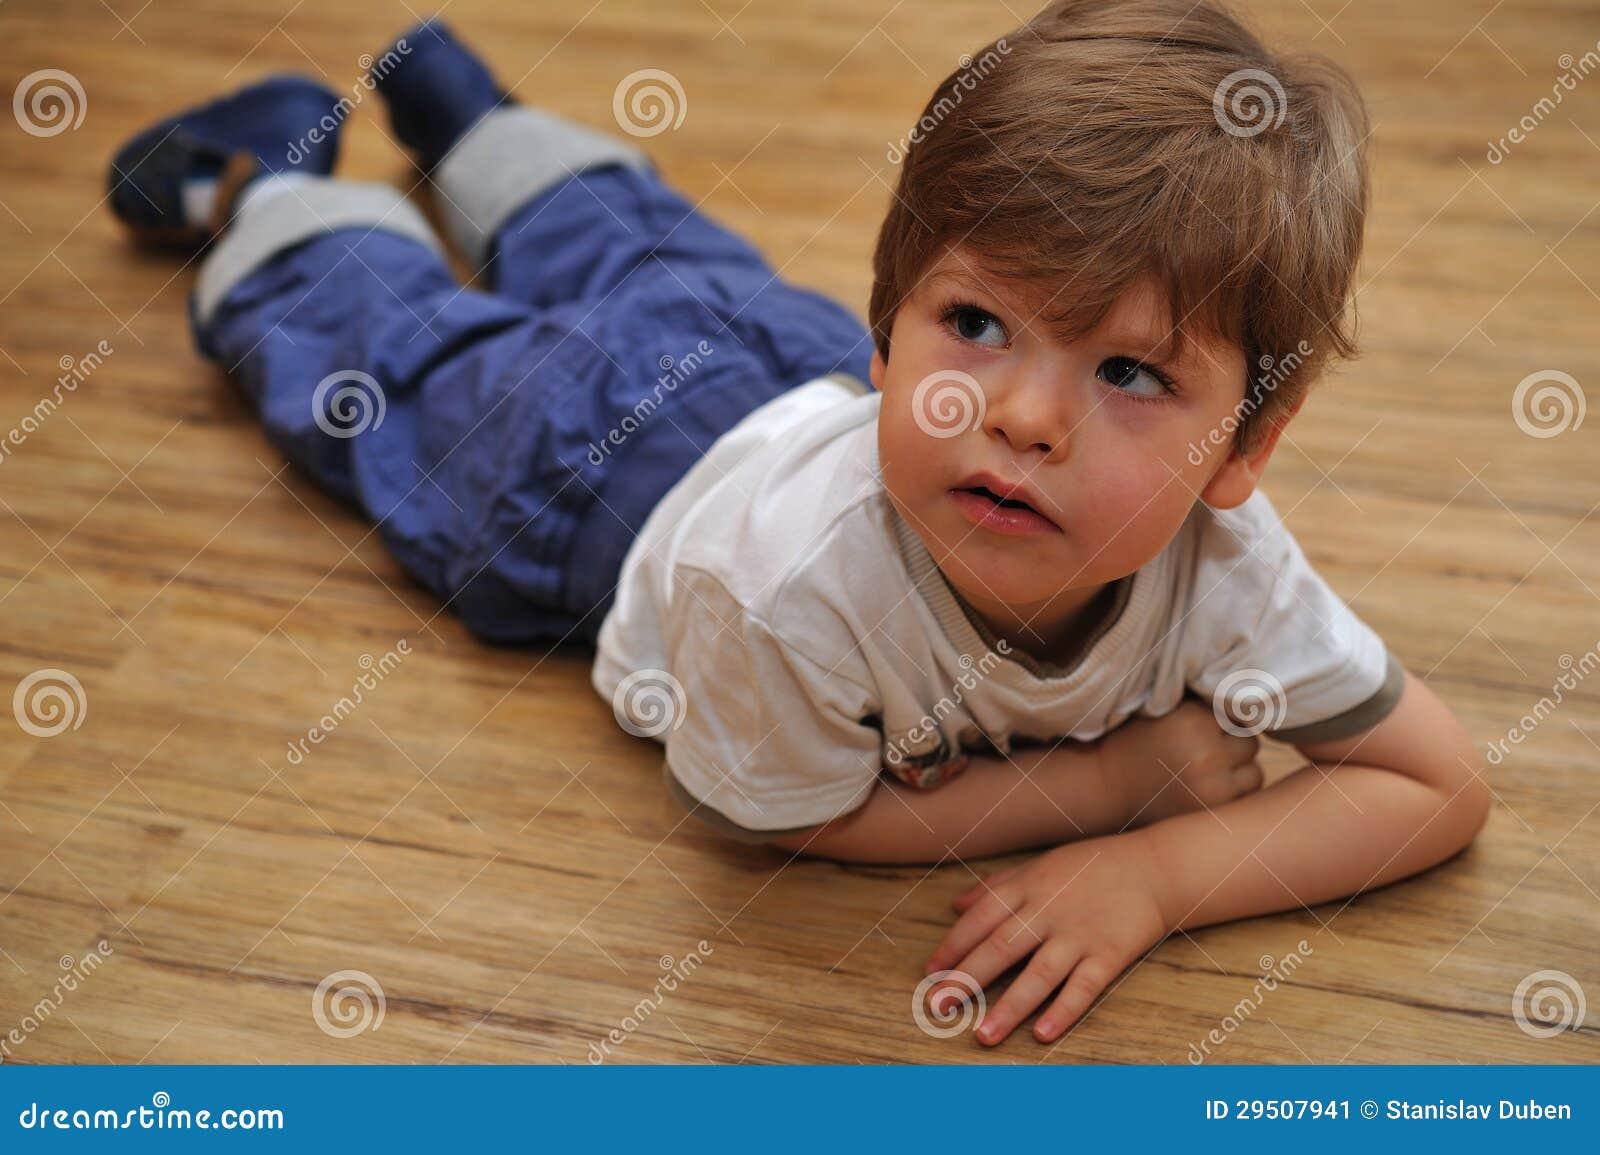 Nieuwsgierige kleine jongen die op houten vloer ligt